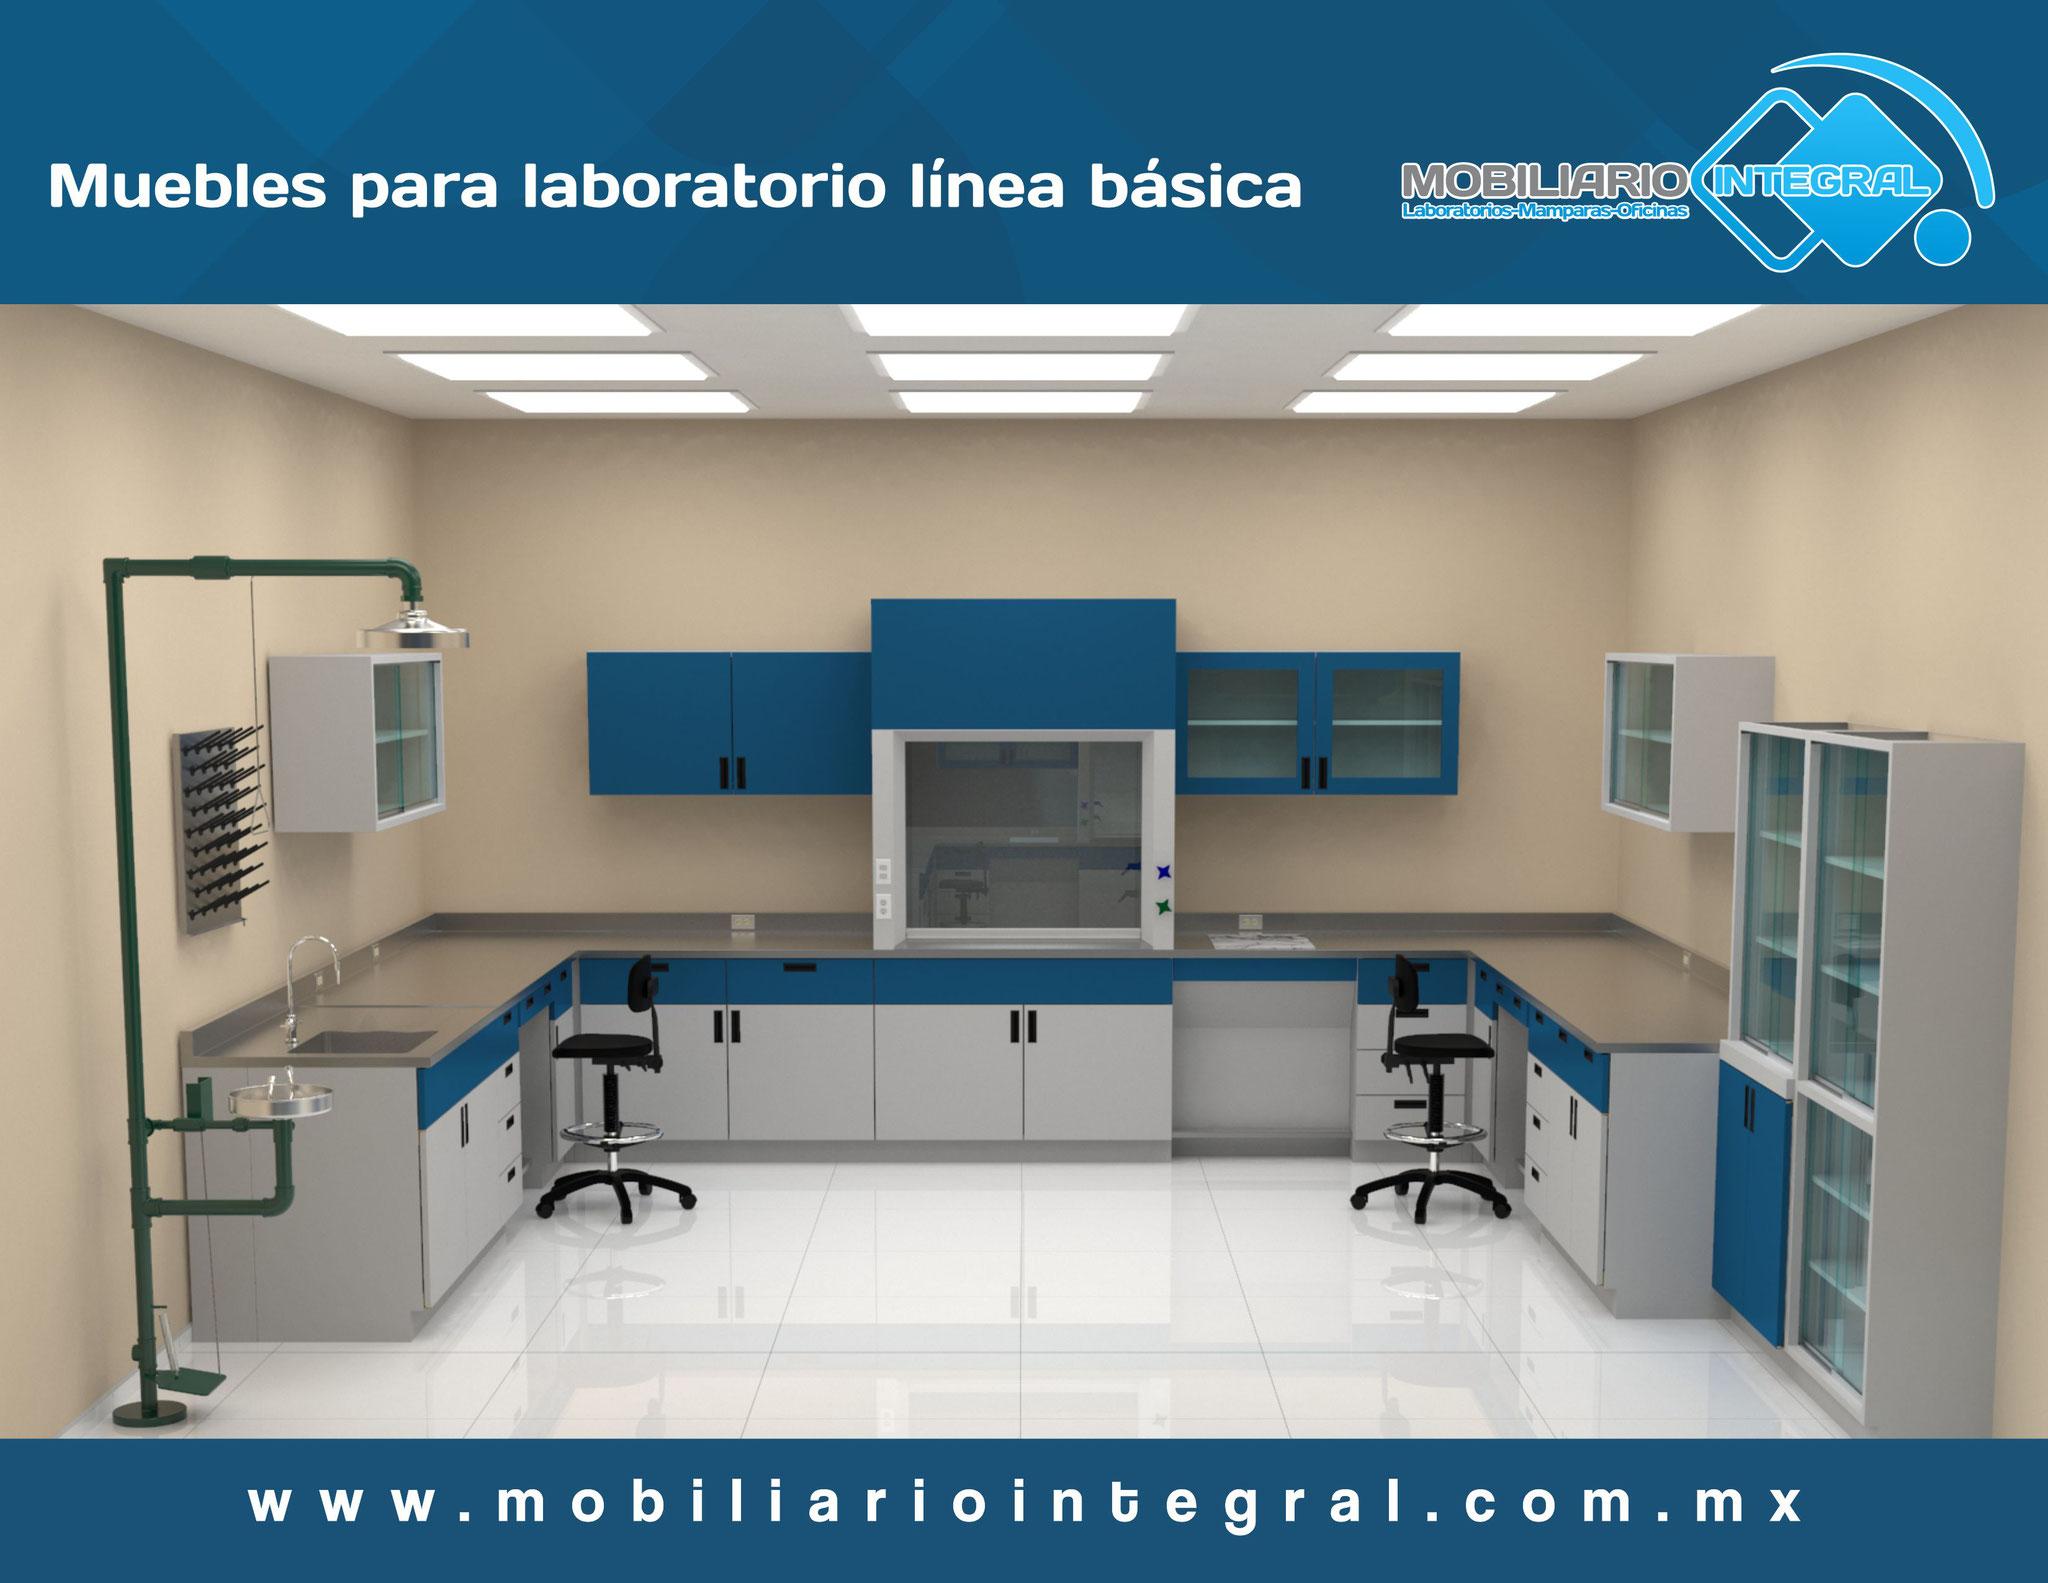 Muebles para laboratorio en Baja California Sur